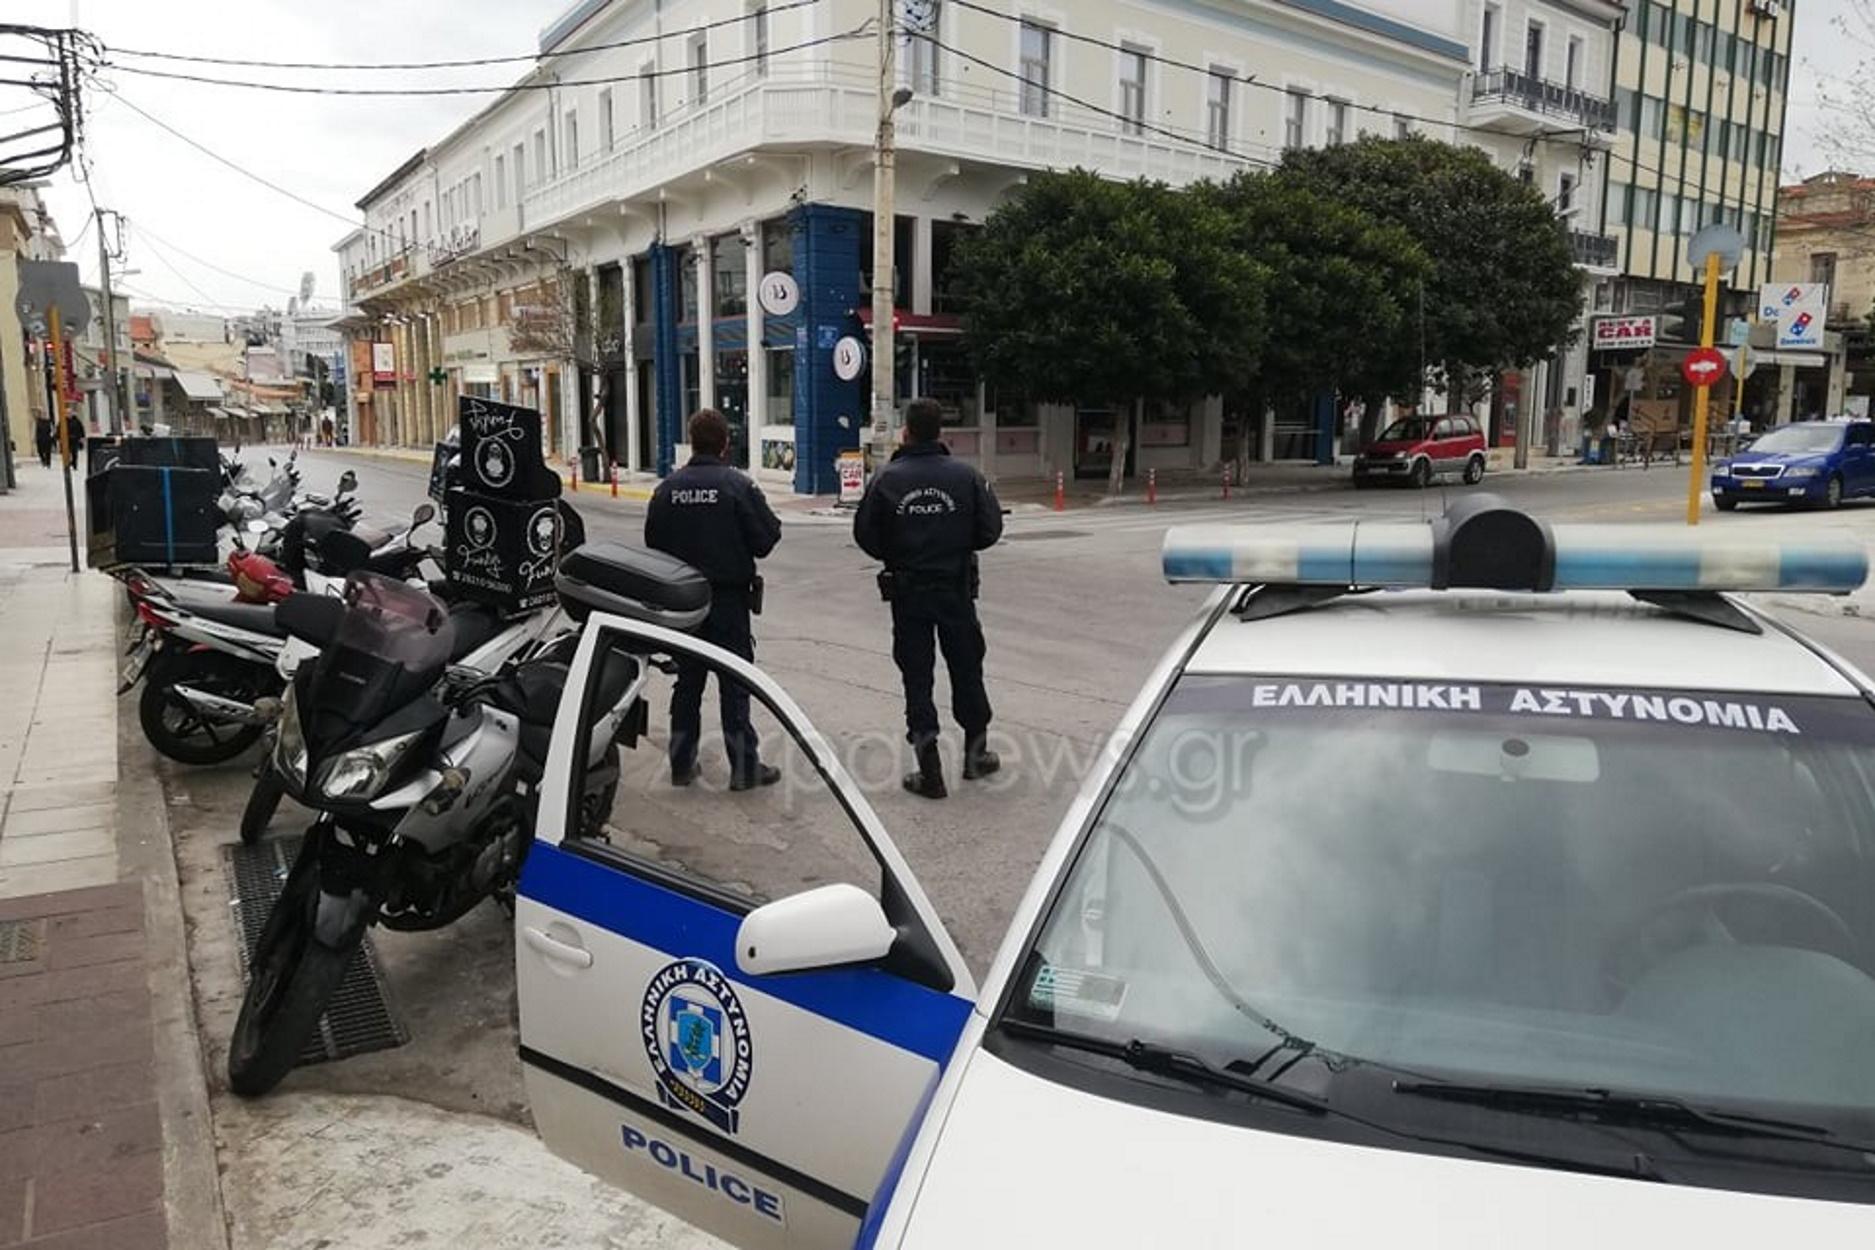 Πρόστιμα 31.700 ευρώ την περασμένη εβδομάδα για παράνομο εμπόριο